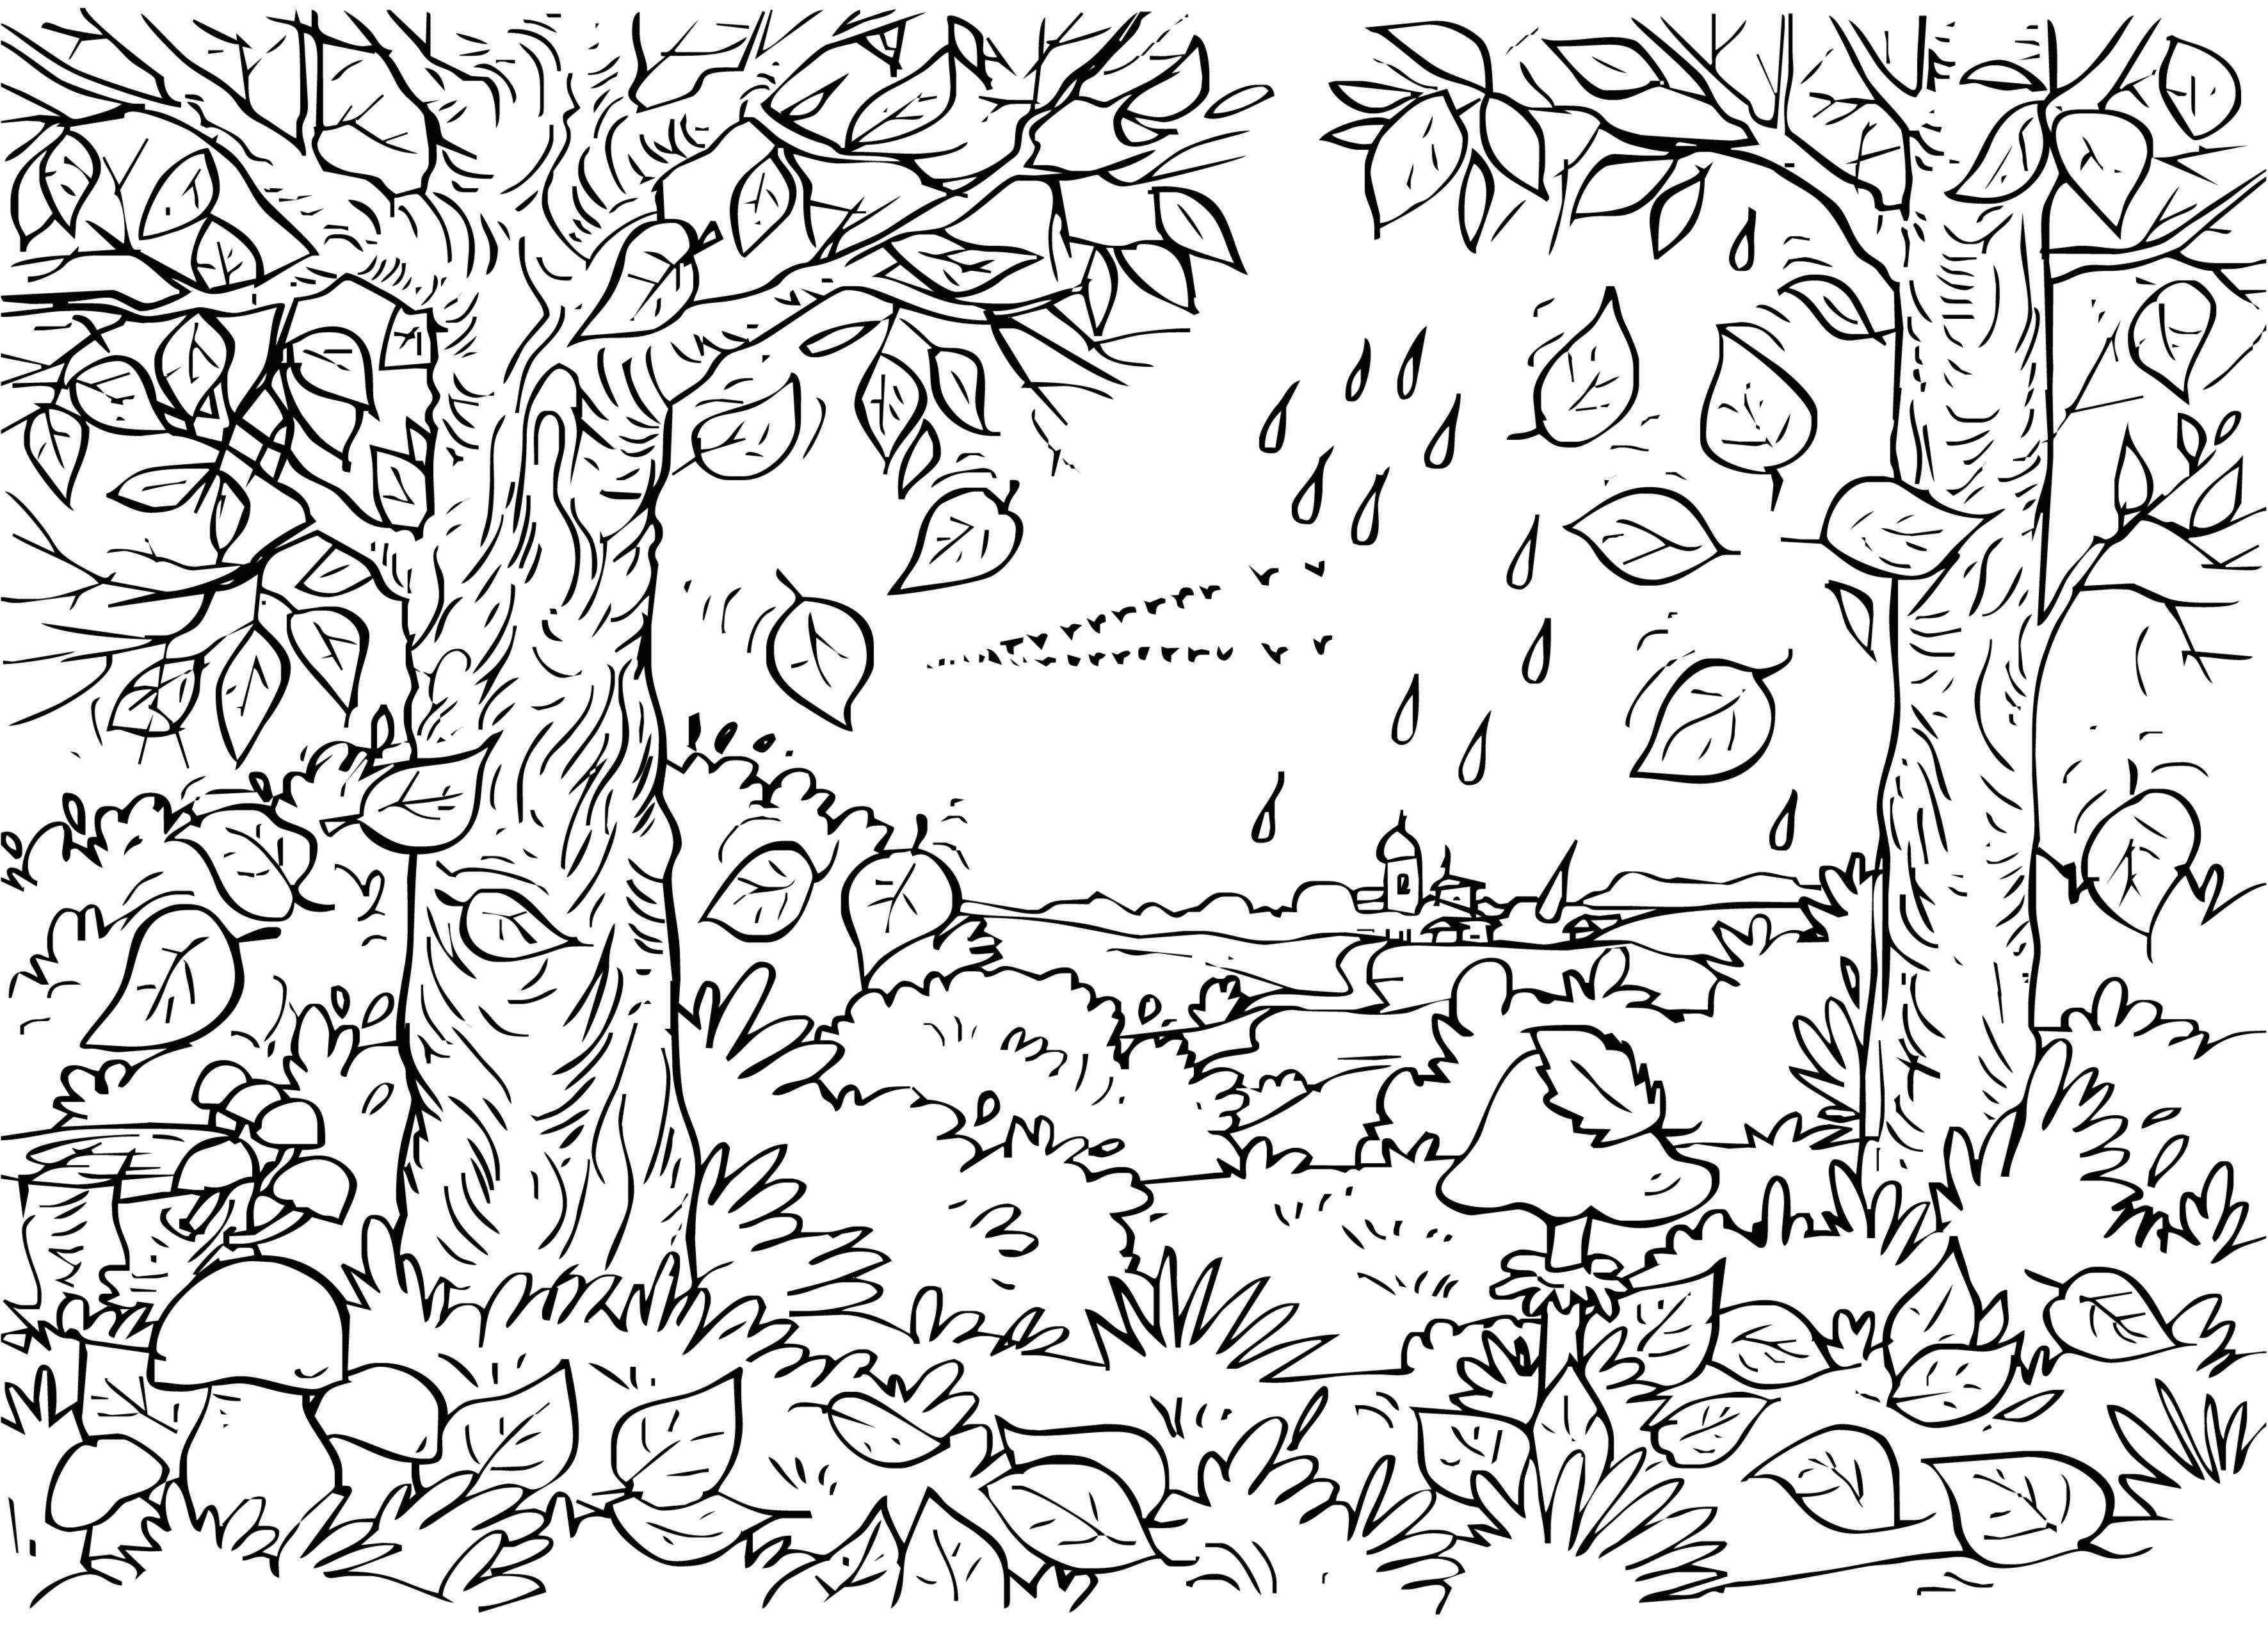 Рисунок осеннего леса карандашом